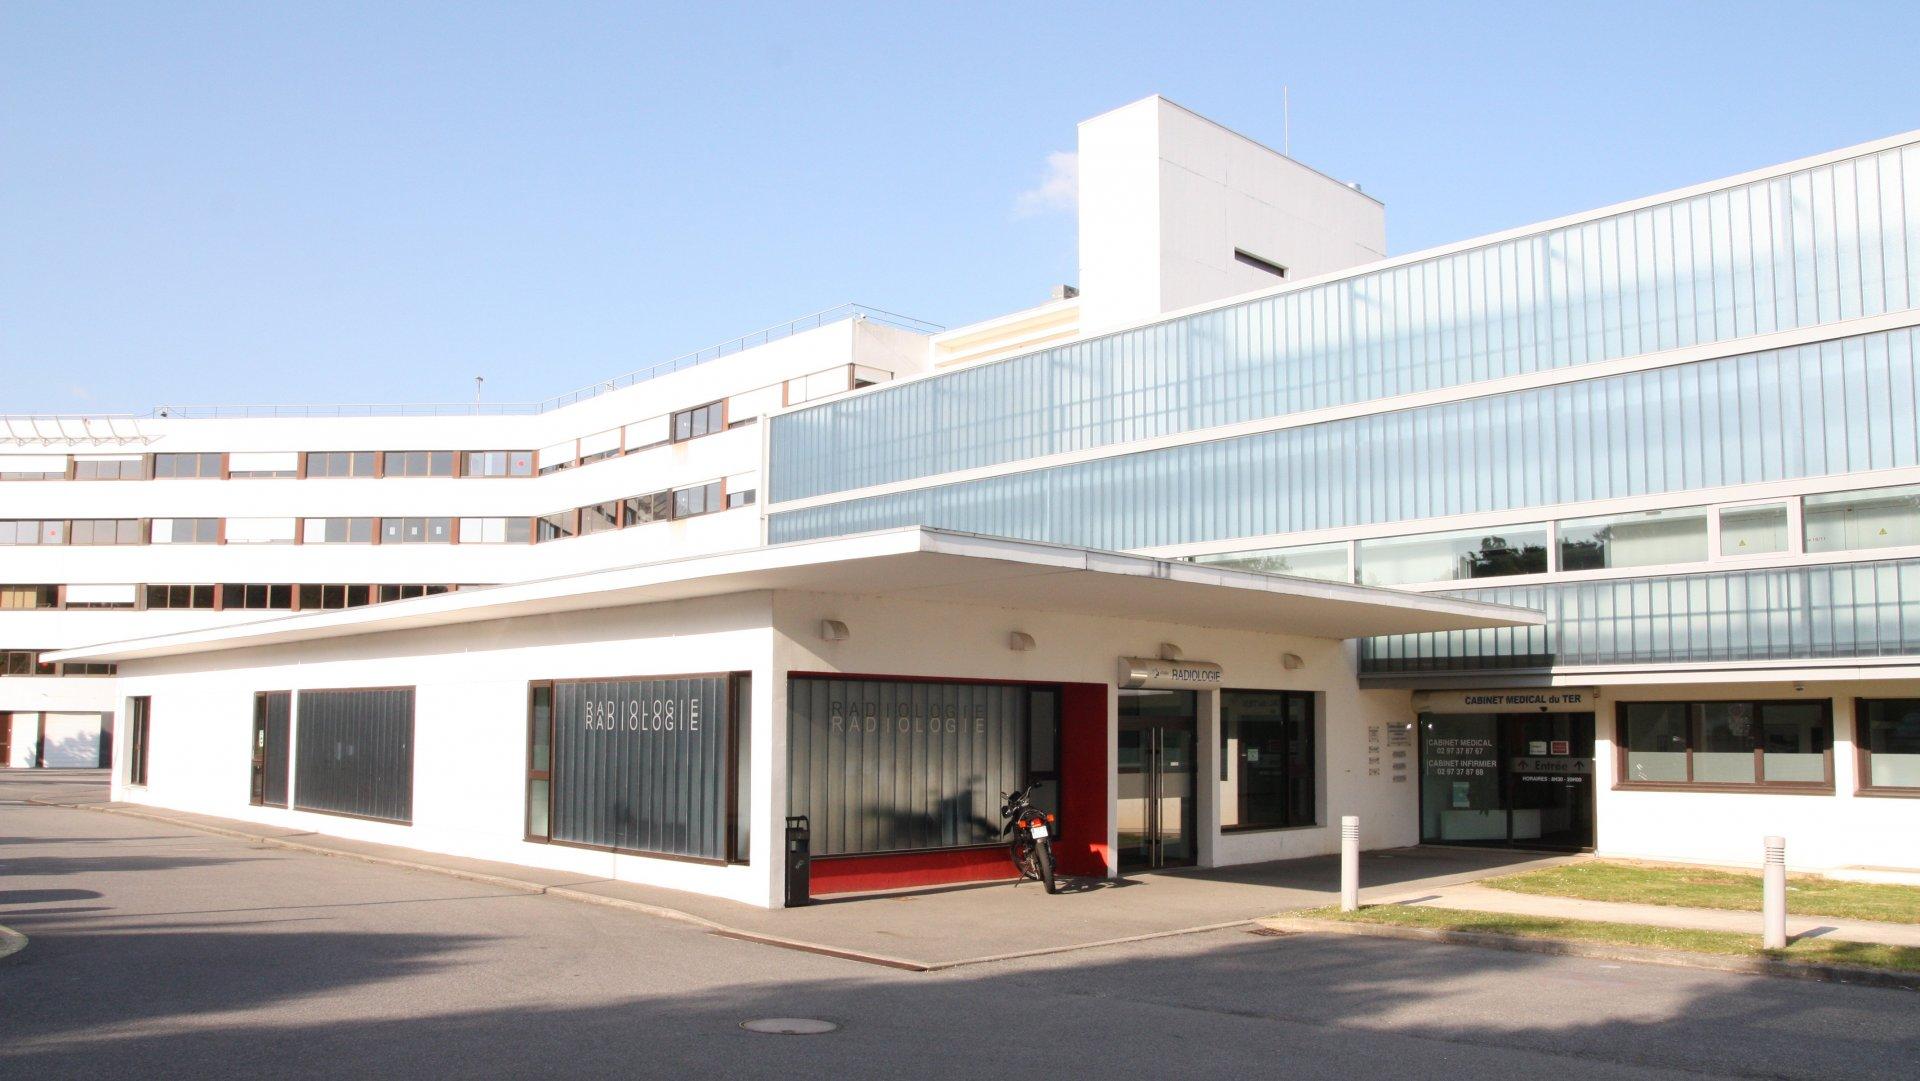 Cabinet de radiologie great cabinet de radiologie les - Cabinet radiologie belleville sur saone ...